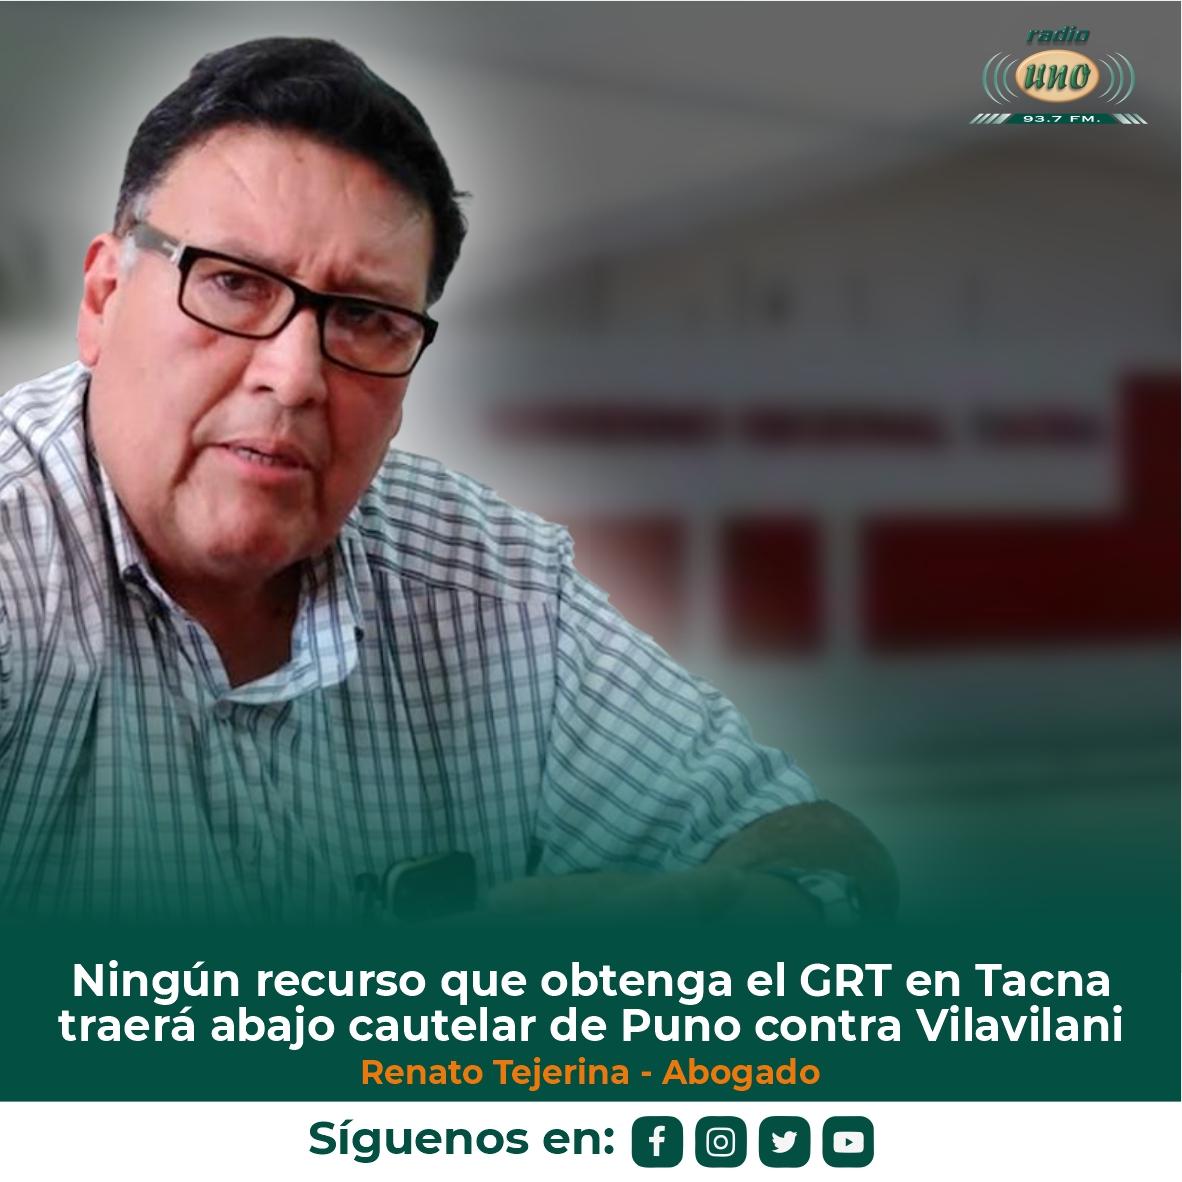 Ningún recurso que obtenga el GRT en Tacna traerá abajo cautelar de Puno contra Vilavilani